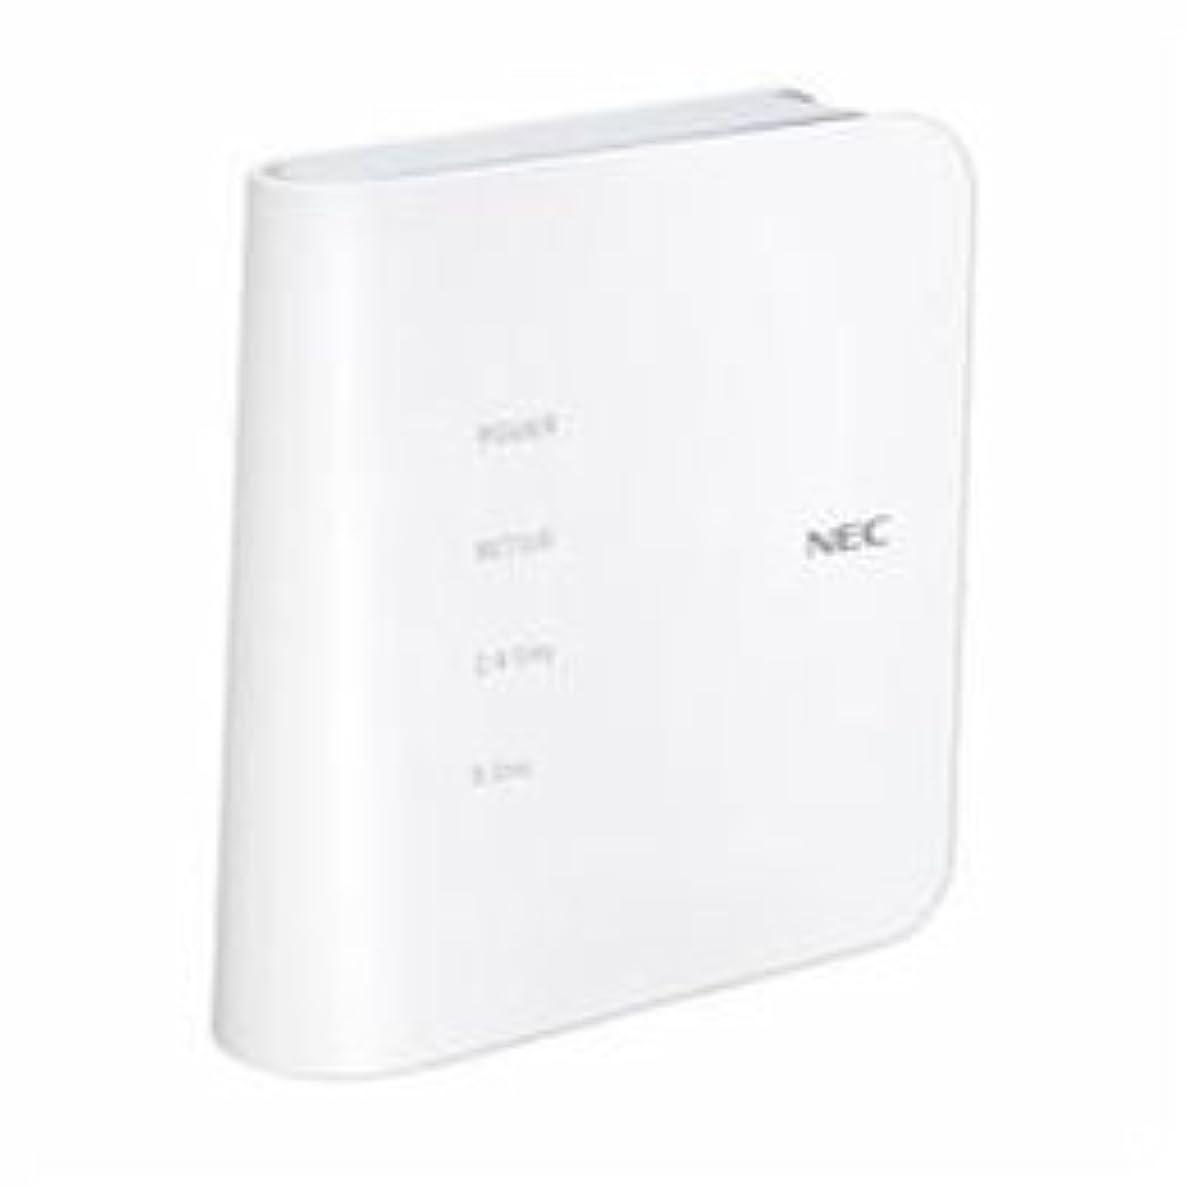 唇音楽家第【まとめ 4セット】 NEC 11ac対応 無線LANルーター 親機 PA-WF1200CR